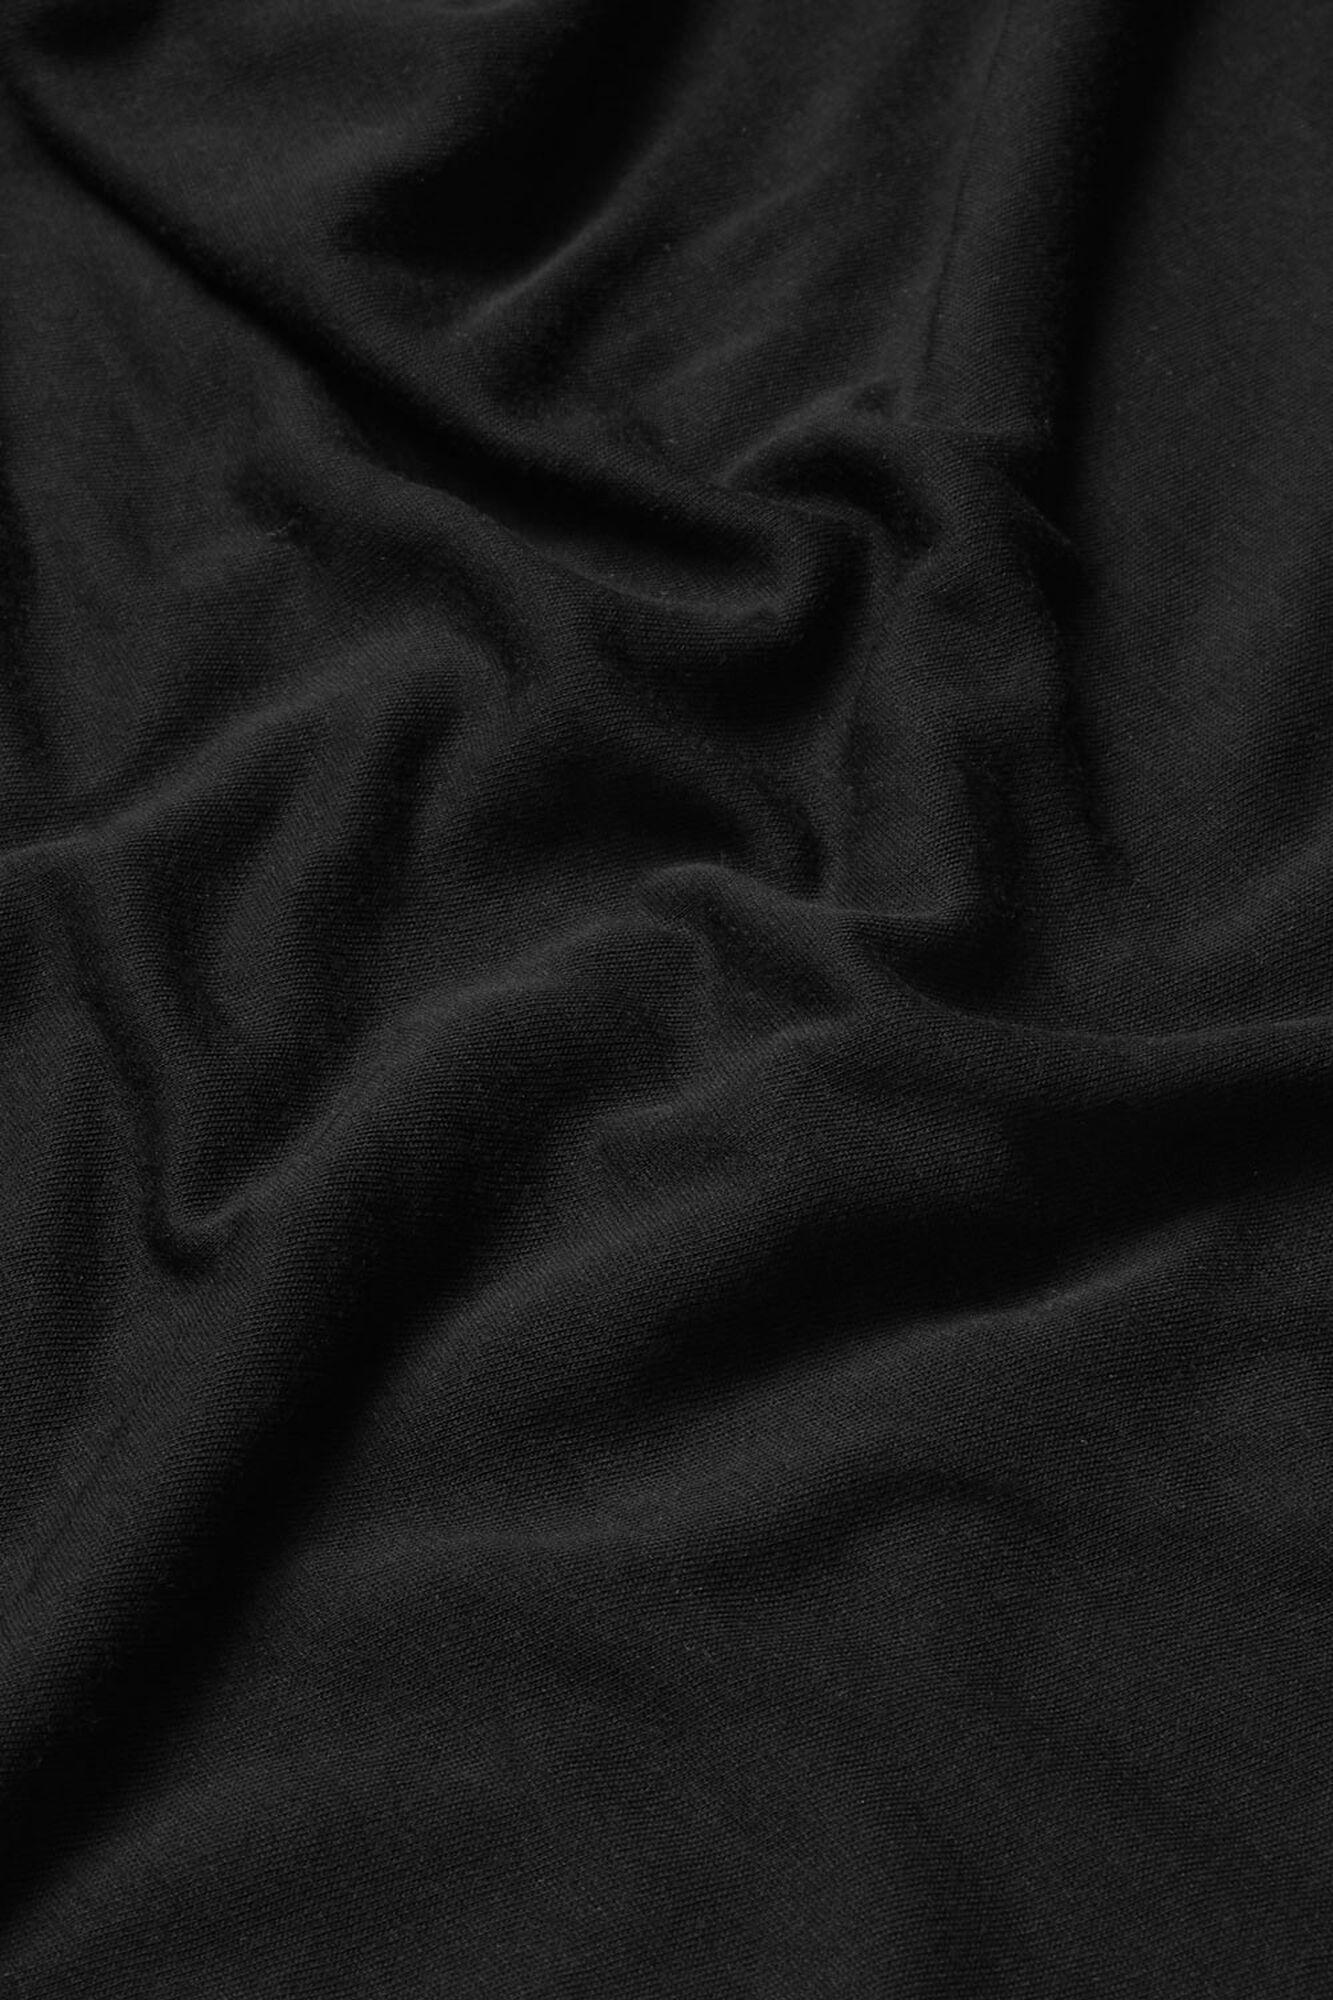 AMEGA JERSEY TUCH, Black, hi-res